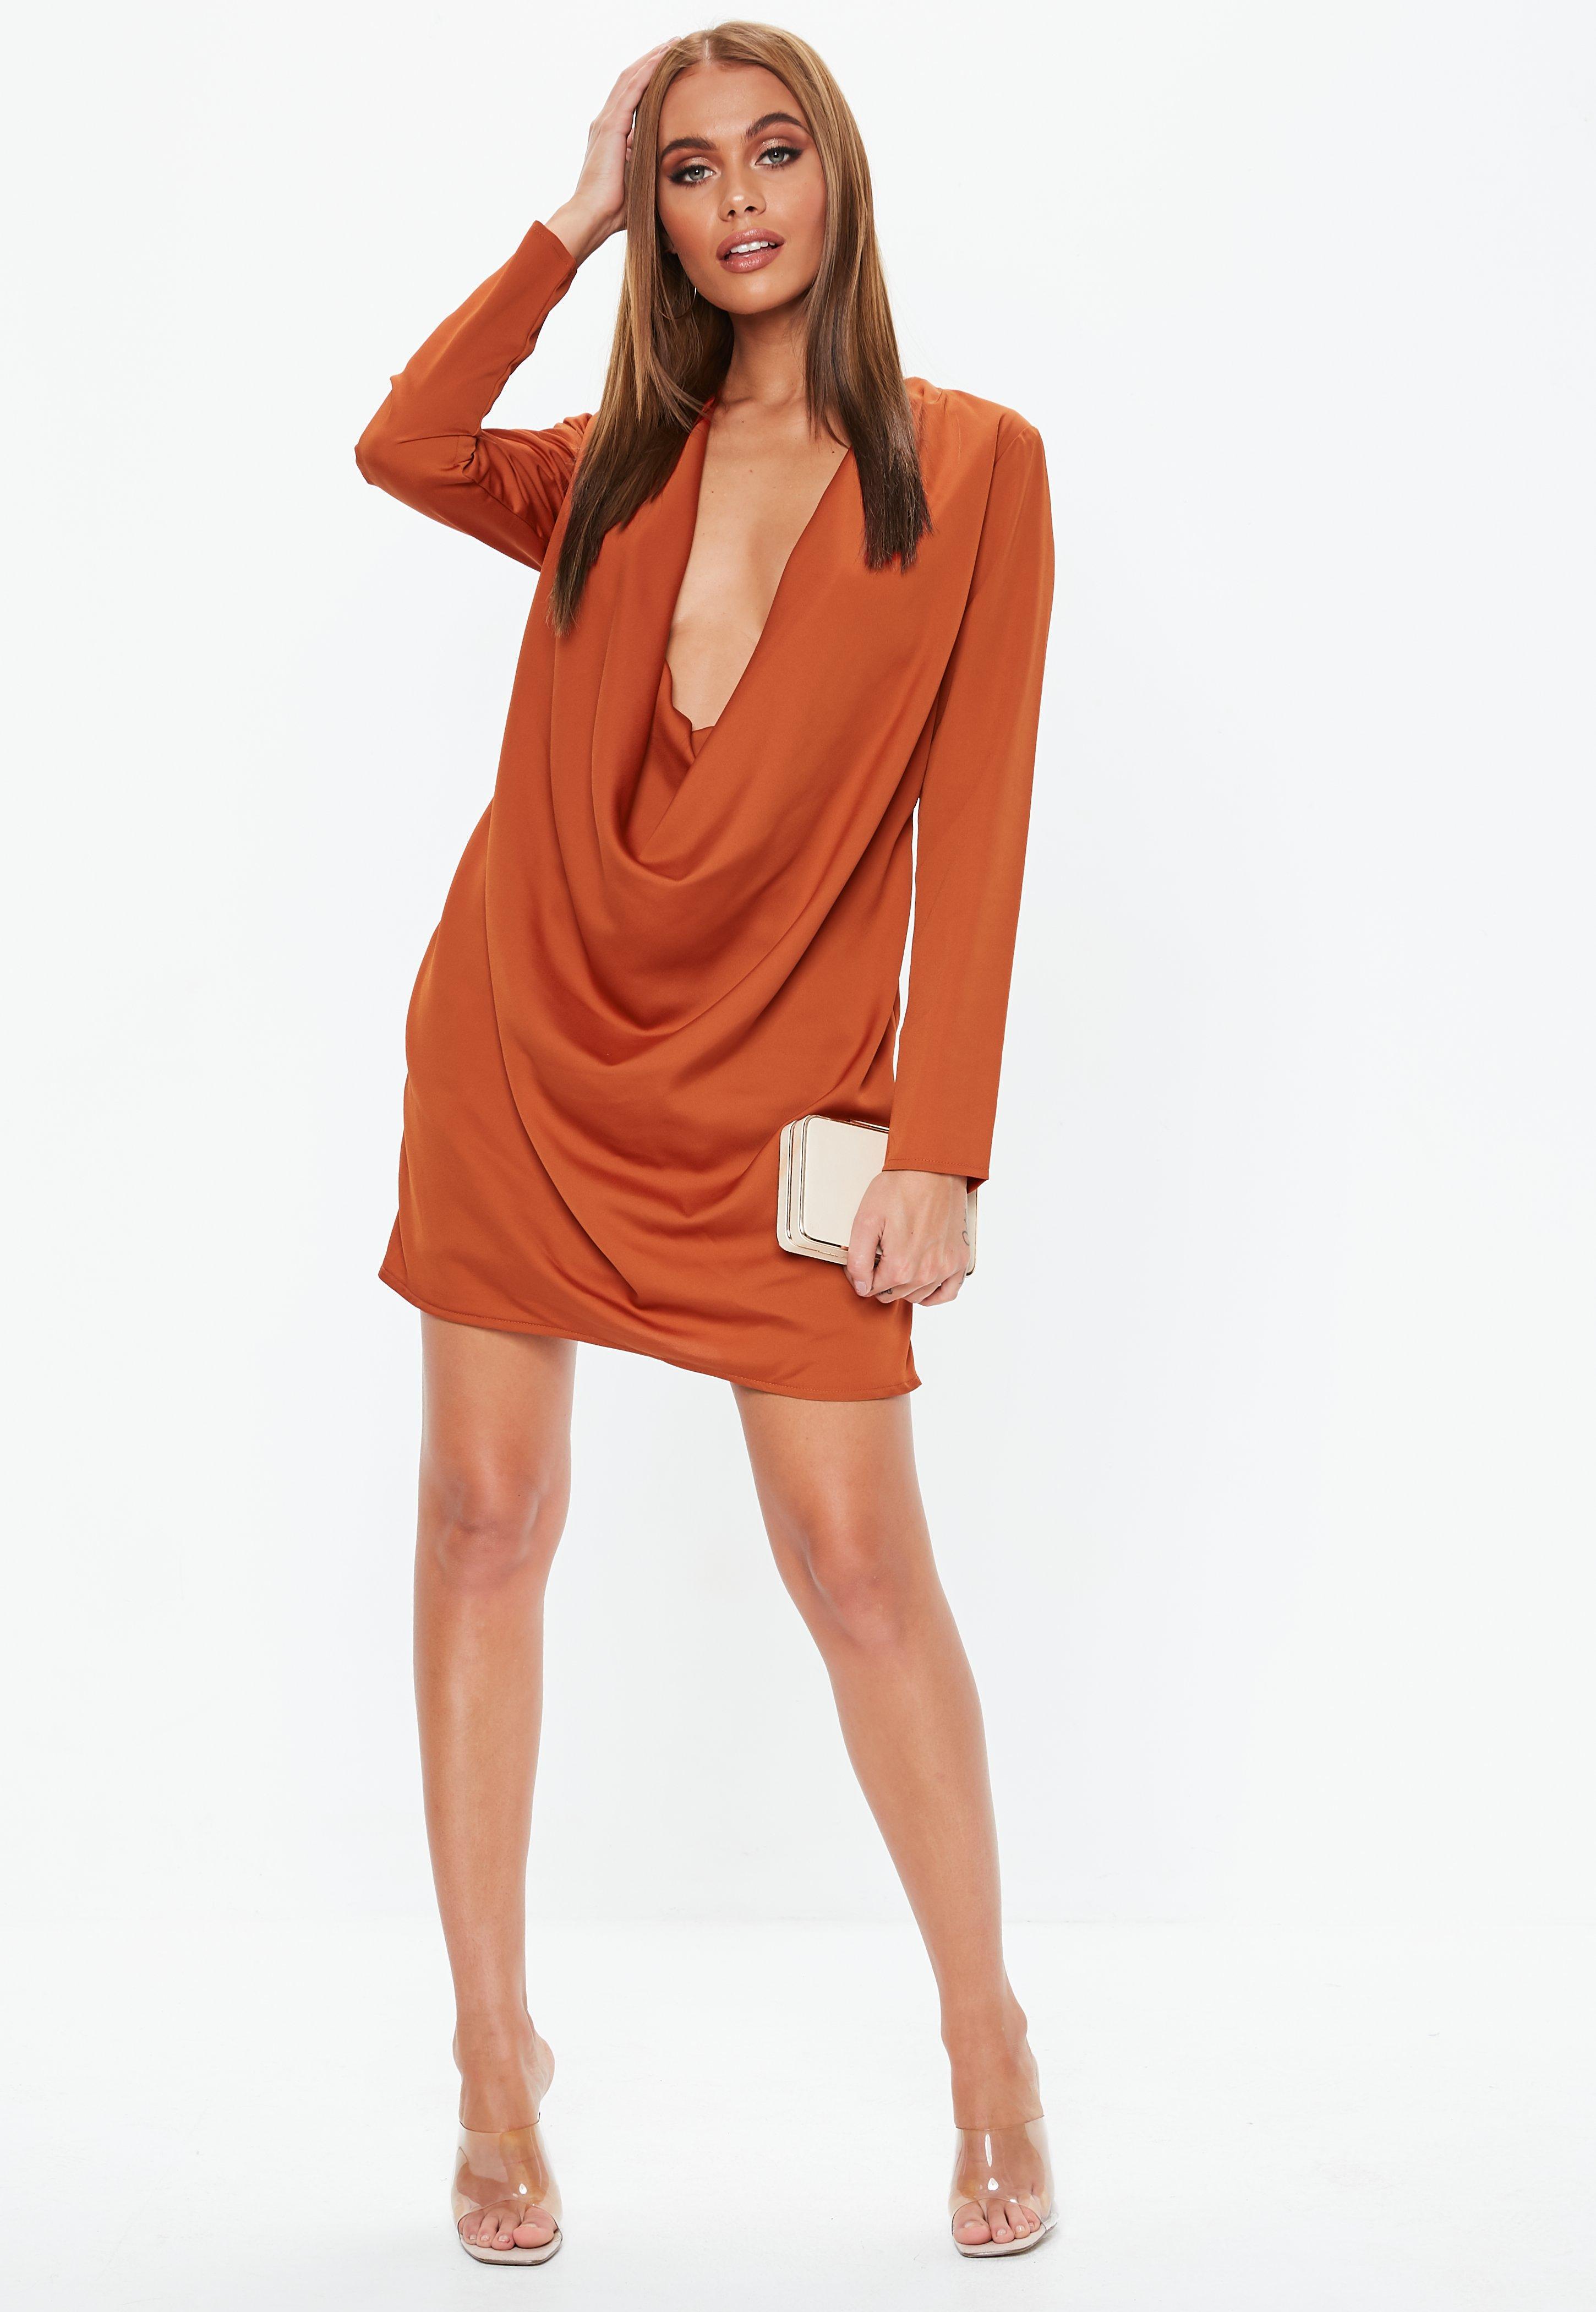 Missguided - Orange Rust Extreme Cowl Satin Mini Dress - Lyst. View  fullscreen d9fbf79fa